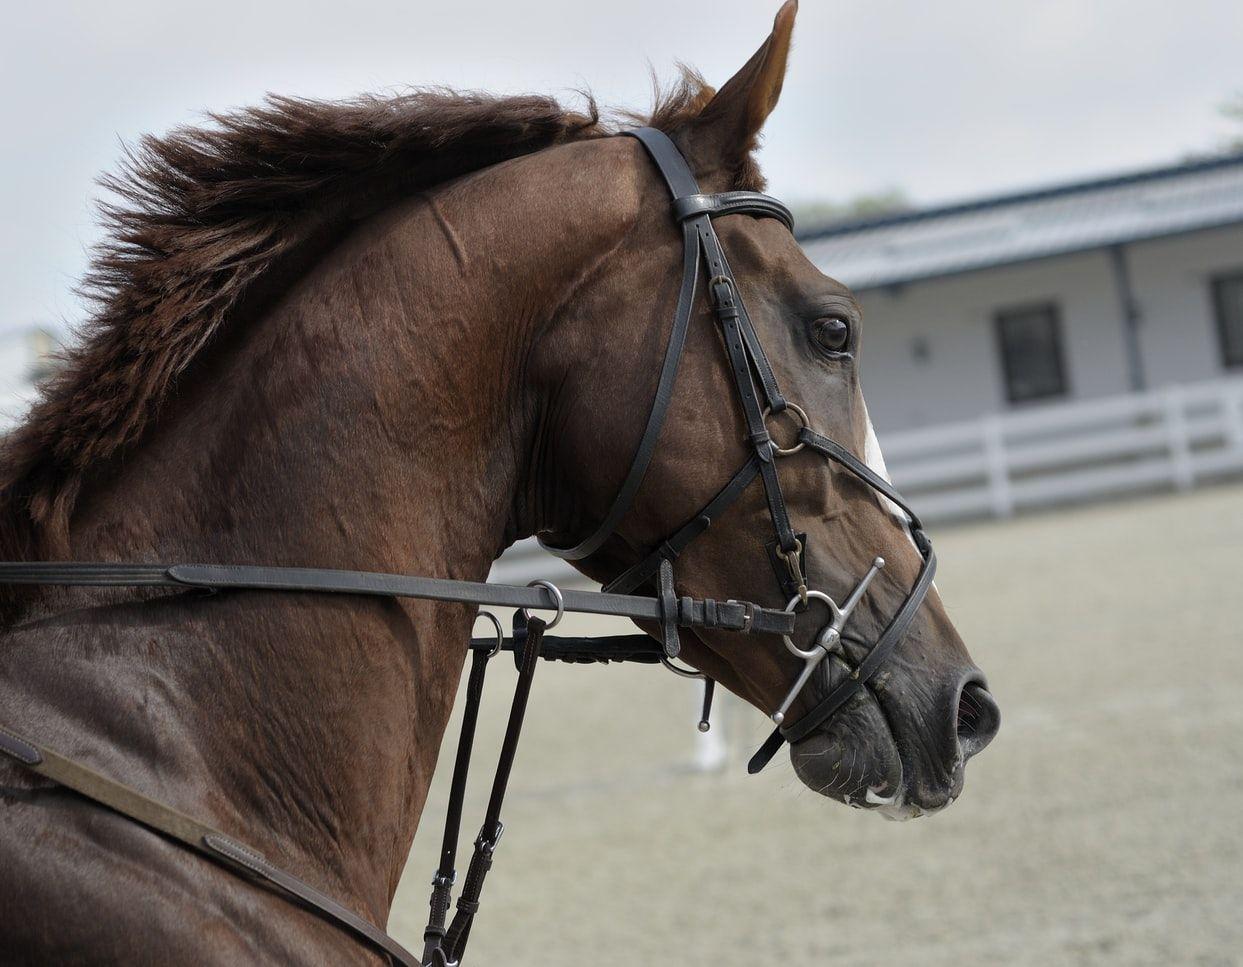 Trenser skaber kontakt mellem rytter og hest, og hjælper med at styre hestens bevægelser.